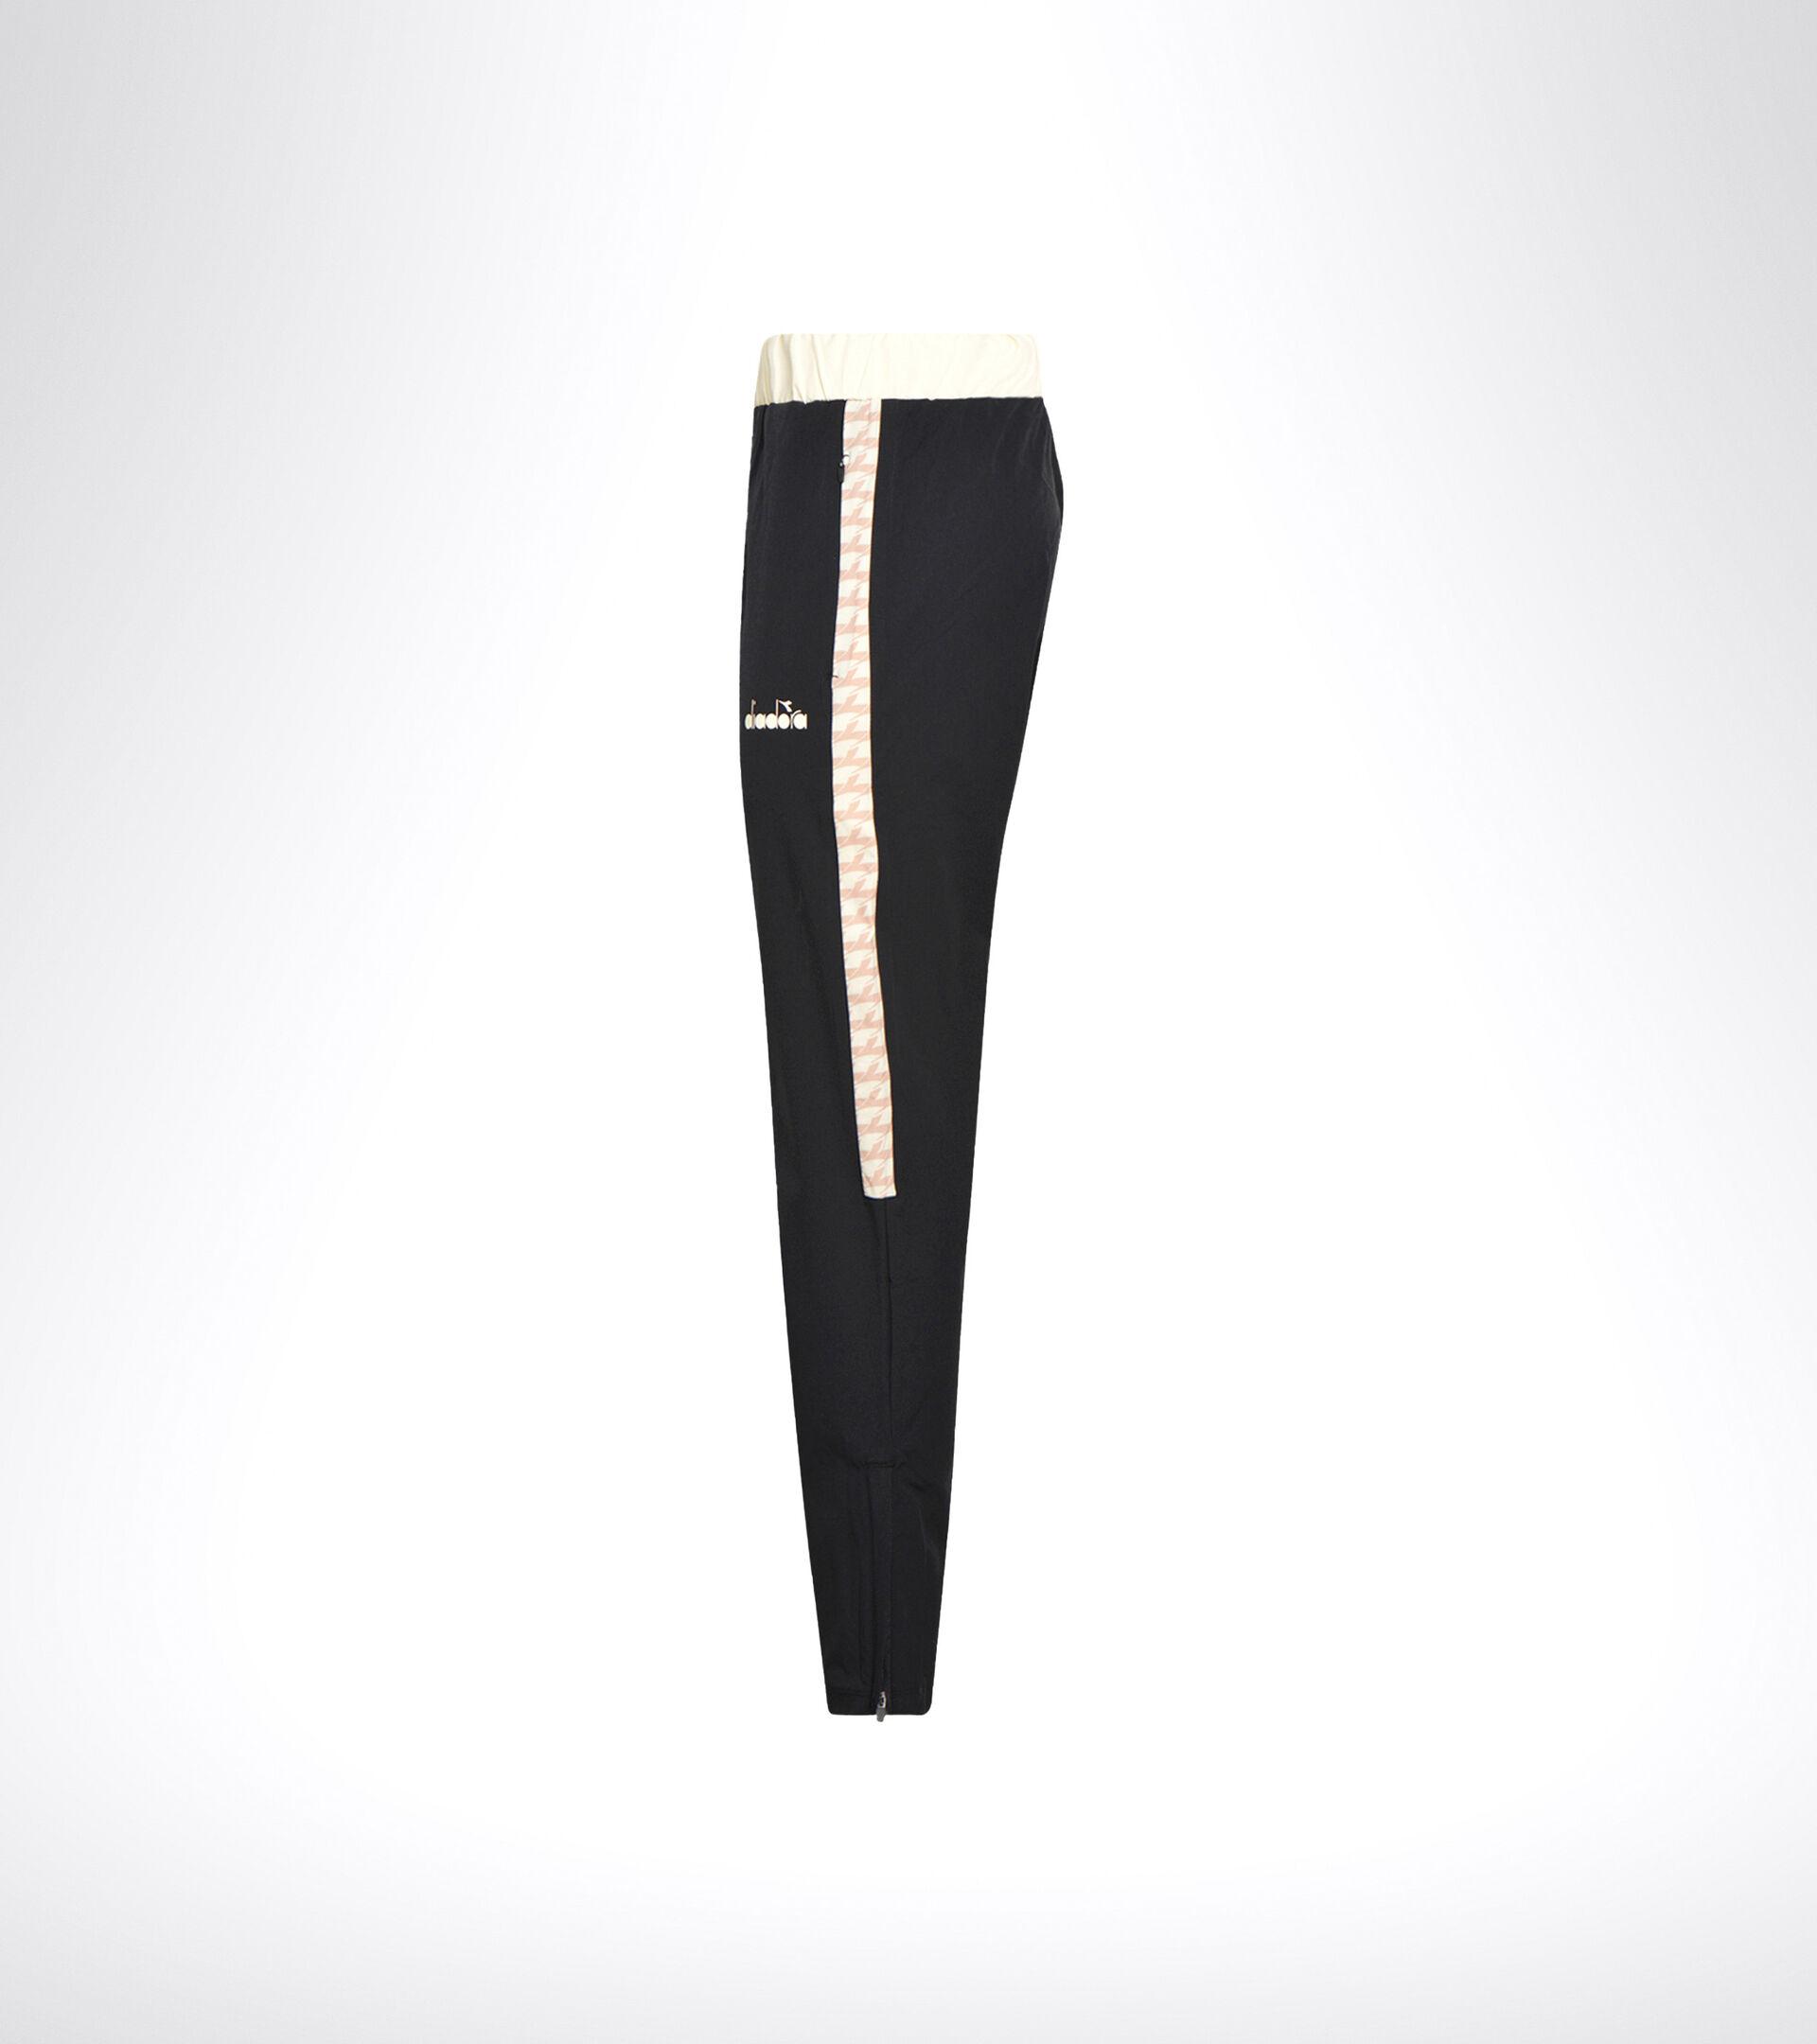 Pantalones de tenis - Mujer L. PANTS CHALLENGE NEGRO/ROSA CAOBA - Diadora